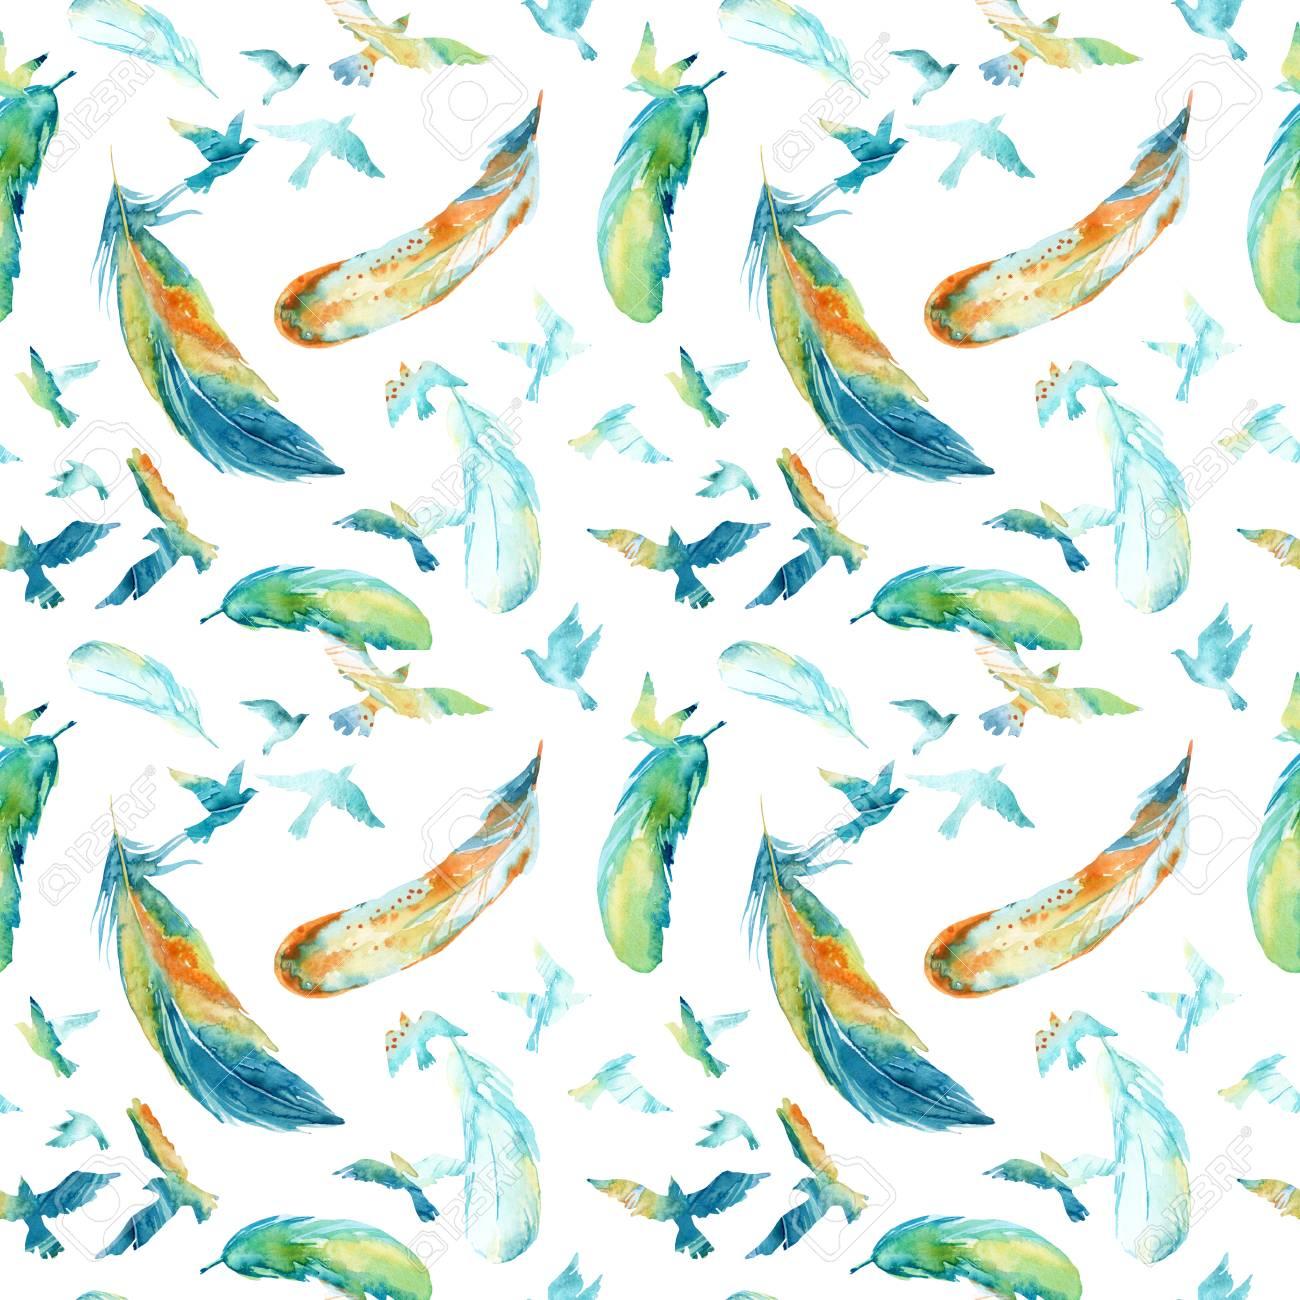 鳥と羽の飛行の水彩のシルエット鳥のシームレスなパターン手描きの